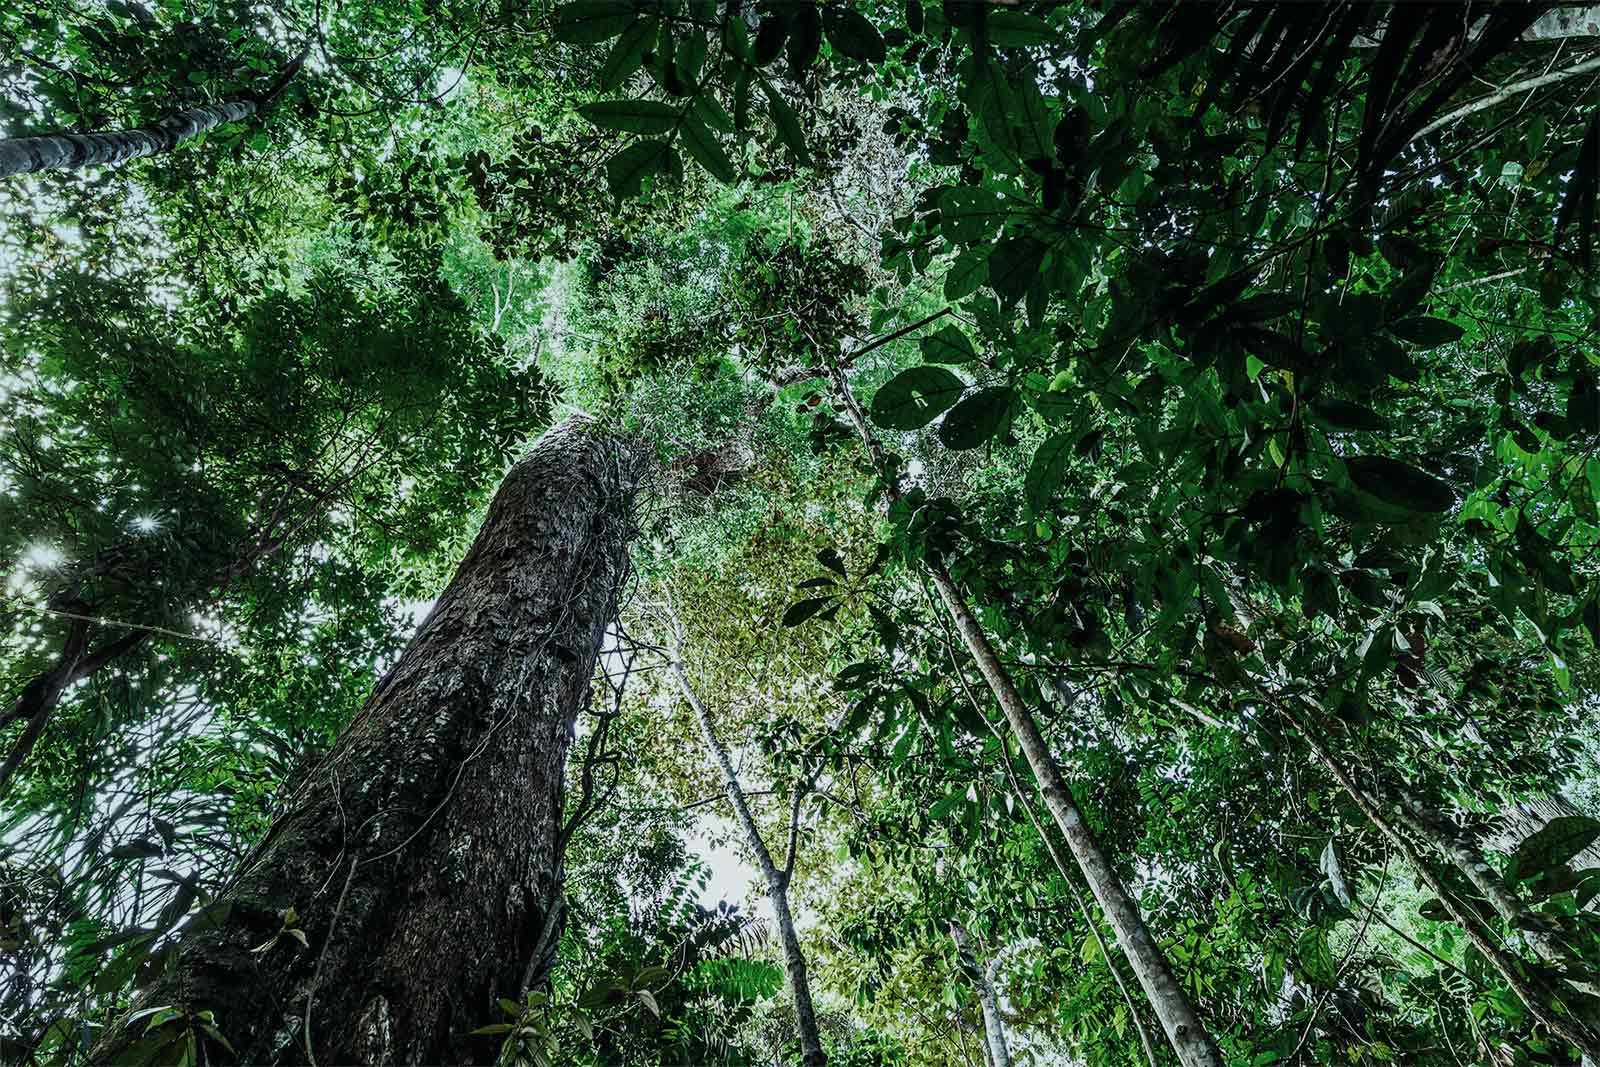 bigstock-The-Amazon-Rainforest-Brazil-102568778-Peq